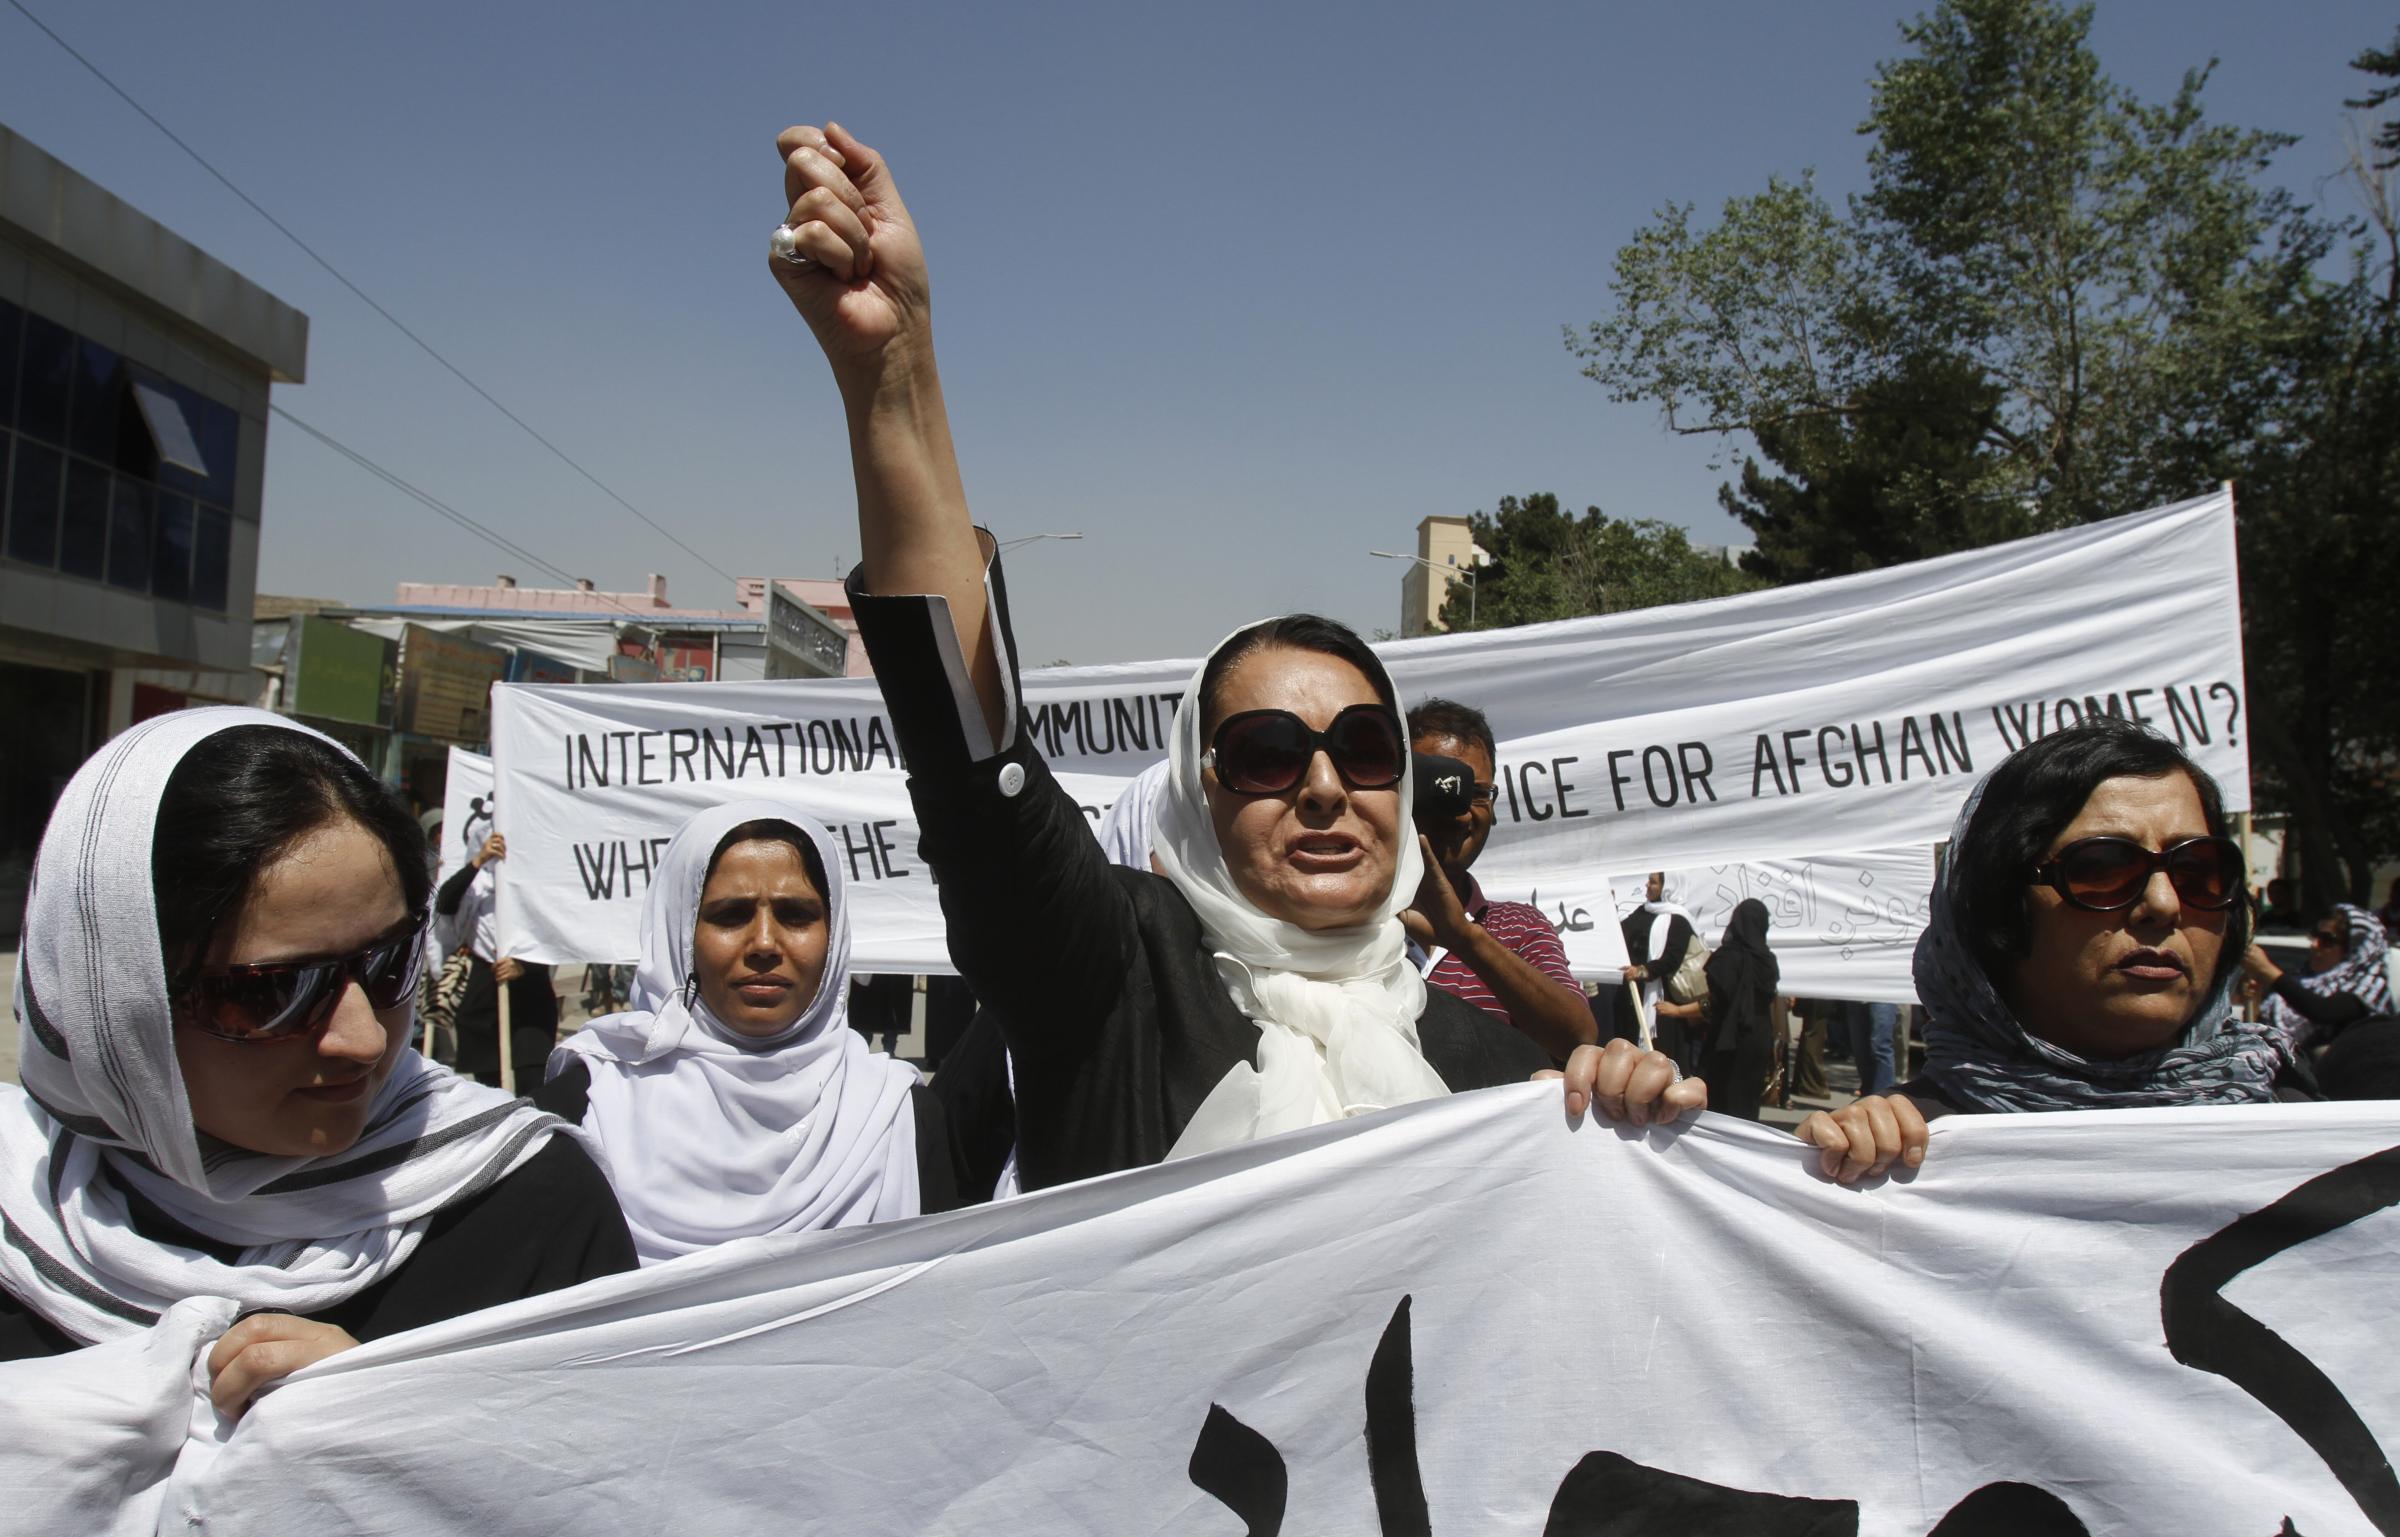 Violenza sulle donne, corteo a Kabul per protestare contro il femminicidio